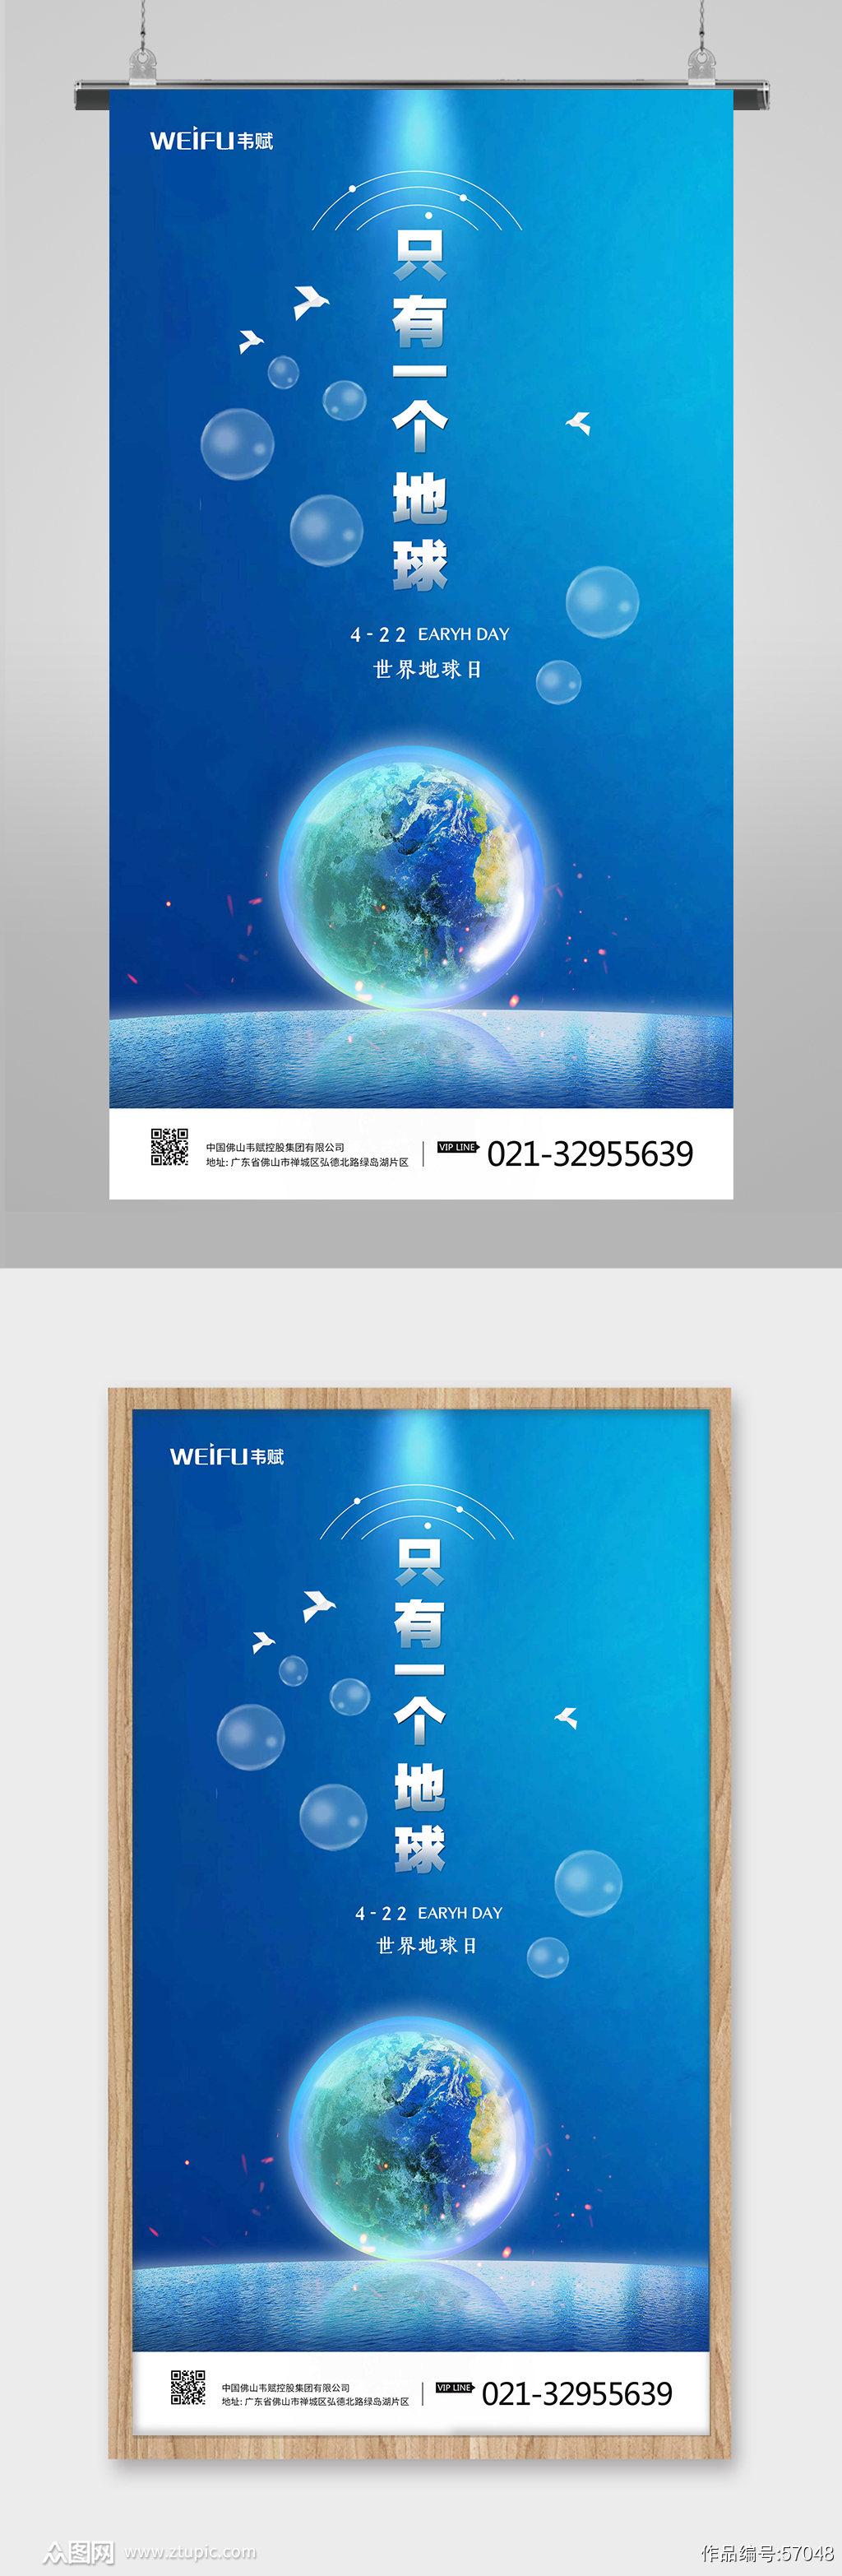 简约世界地球日手机海报素材